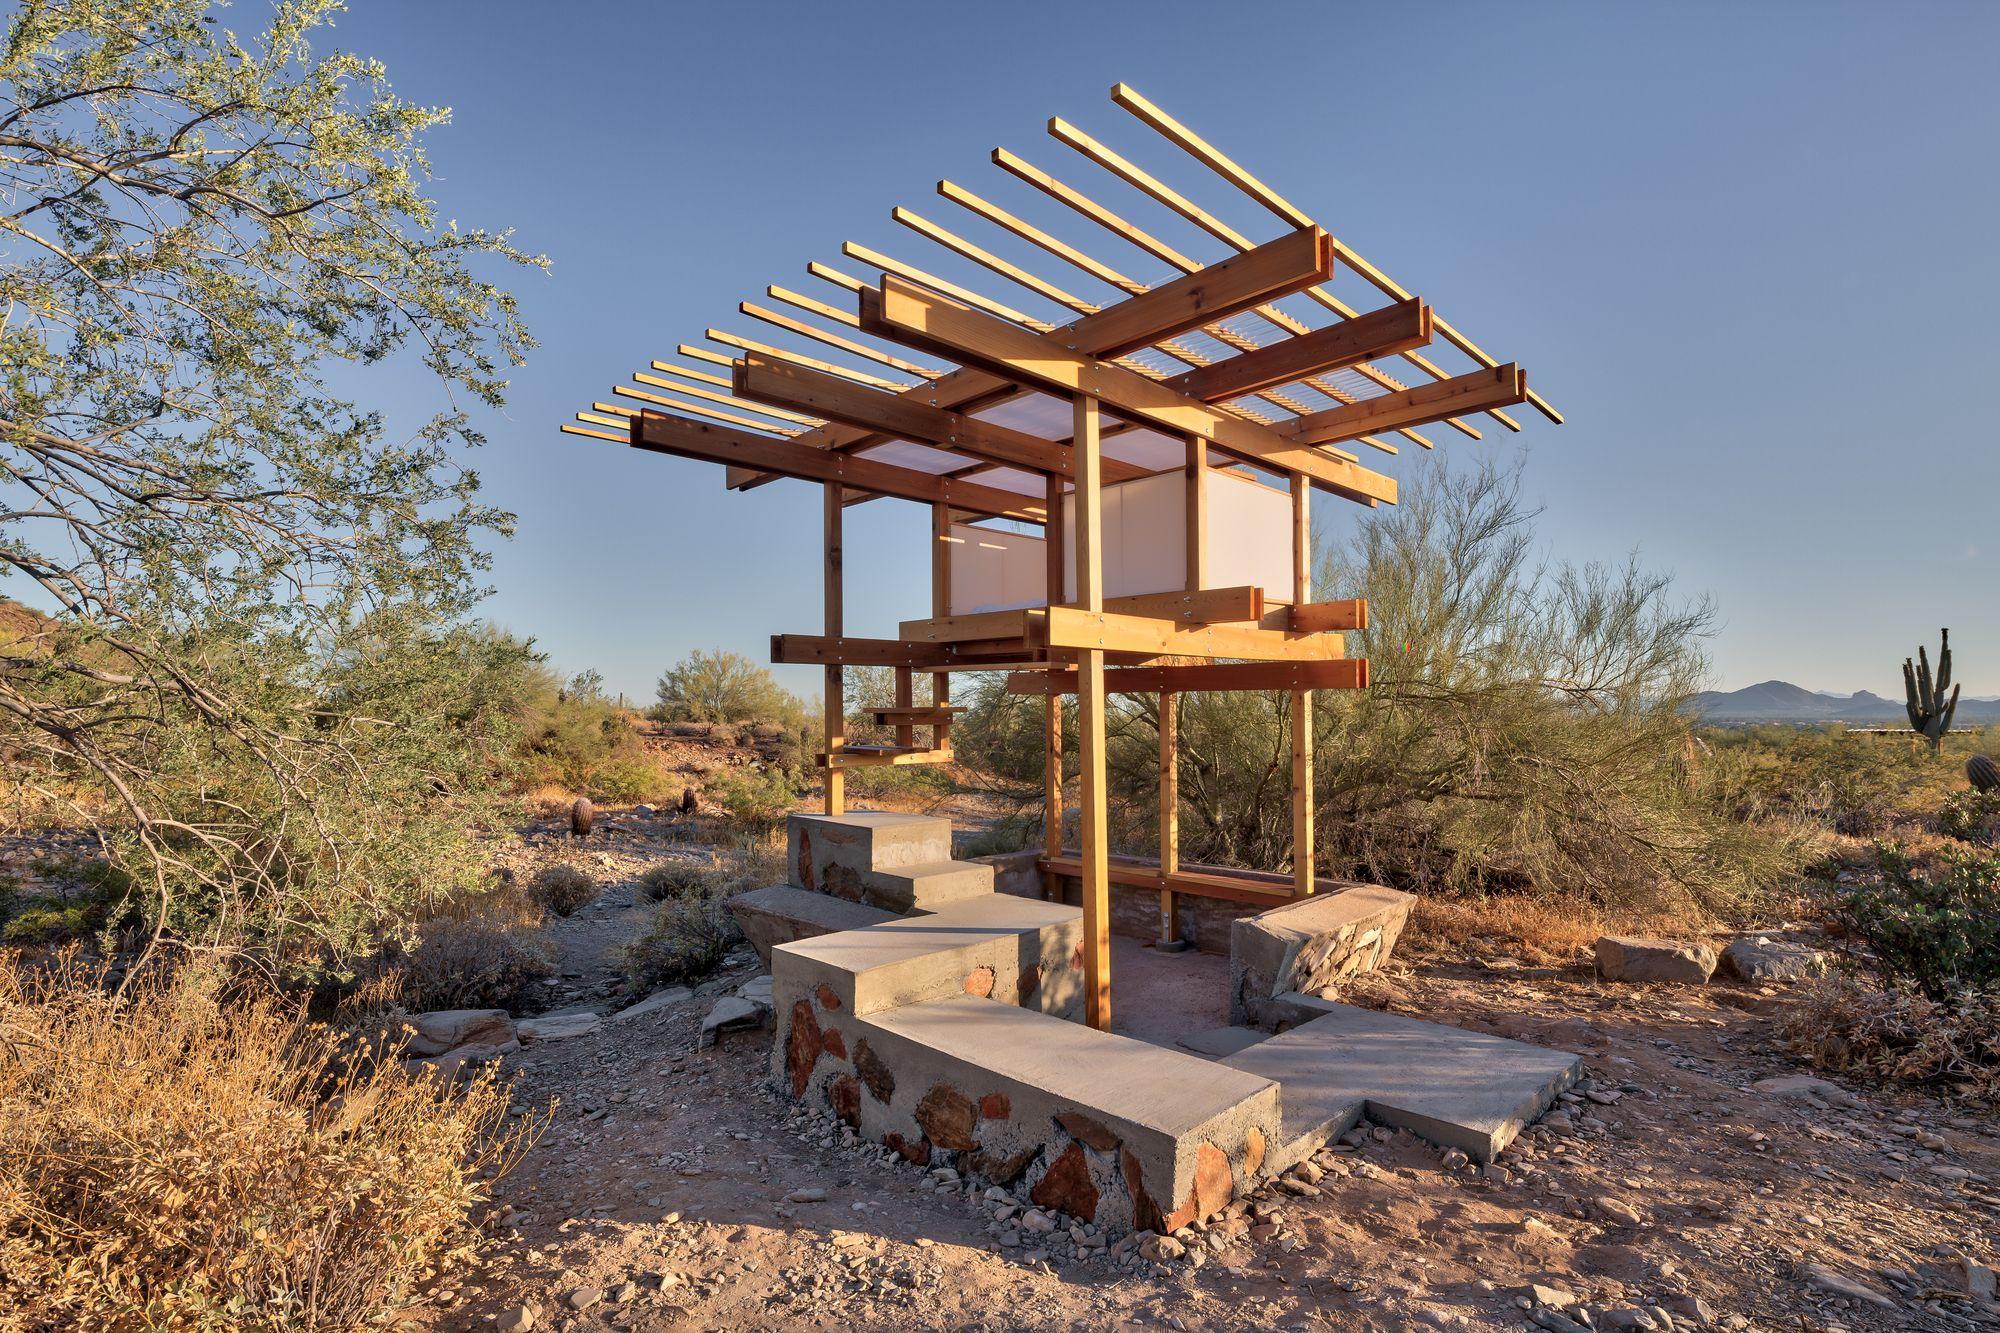 Construido en 2017 en Scottsdale, Estados Unidos. Imagenes por Andrew Pielage. Habitando en la sombra de los árboles del desierto de Sonora  Fue en marzo del año 2016 que empecé a conversar con el director de mi...  http://www.plataformaarquitectura.cl/cl/871001/refugio-atalaya-jaime-inostroza?utm_medium=email&utm_source=Plataforma%20Arquitectura